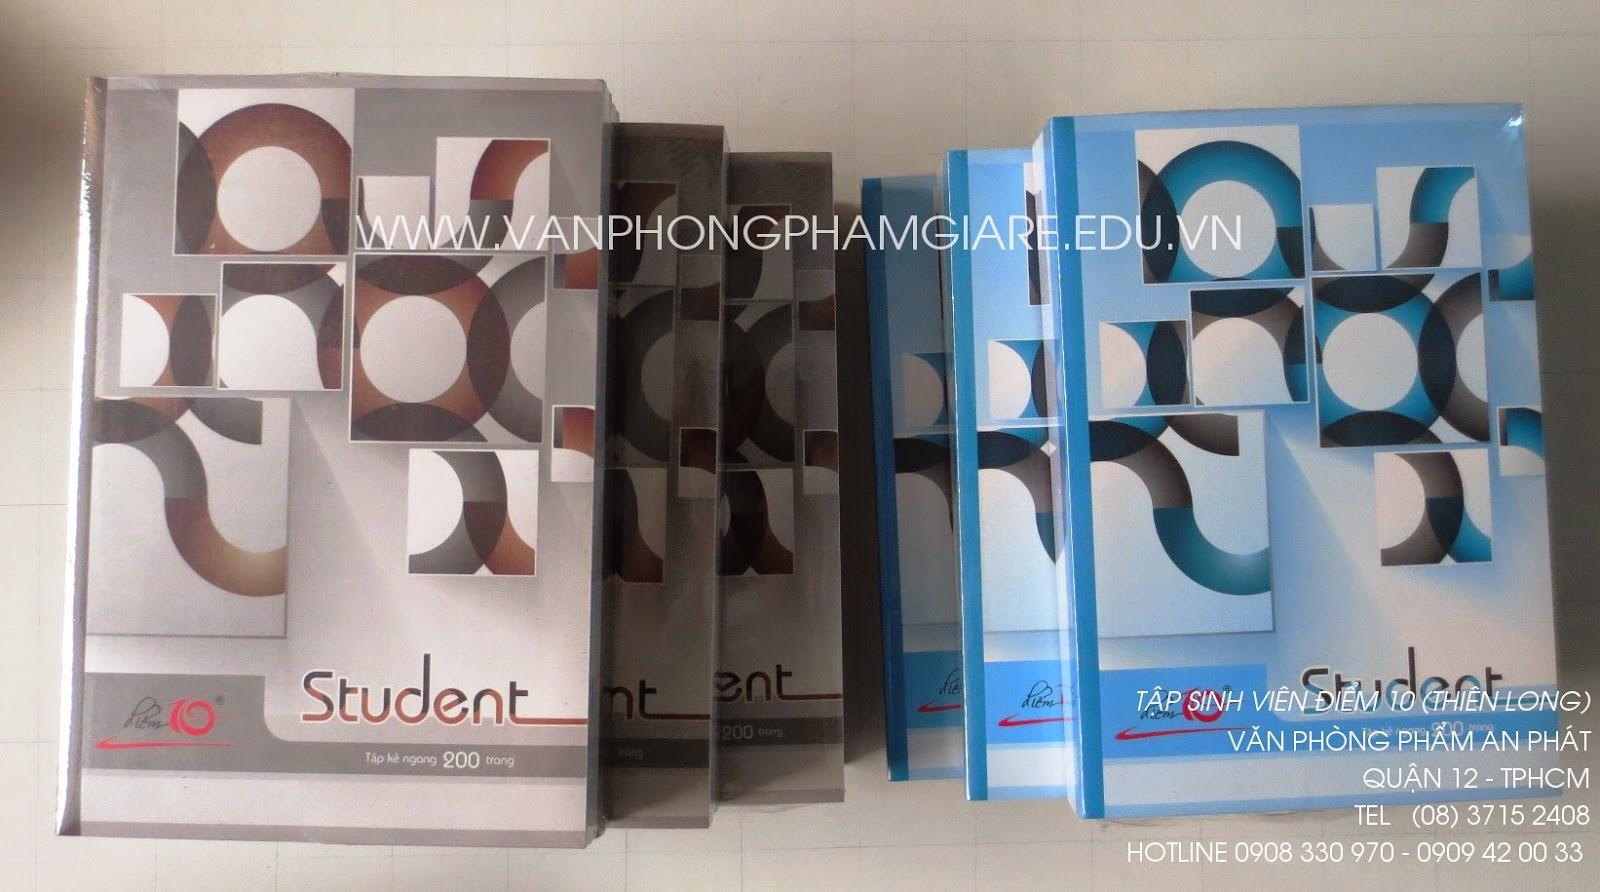 Tập sinh viên Student Điểm 10 của Thiên Long